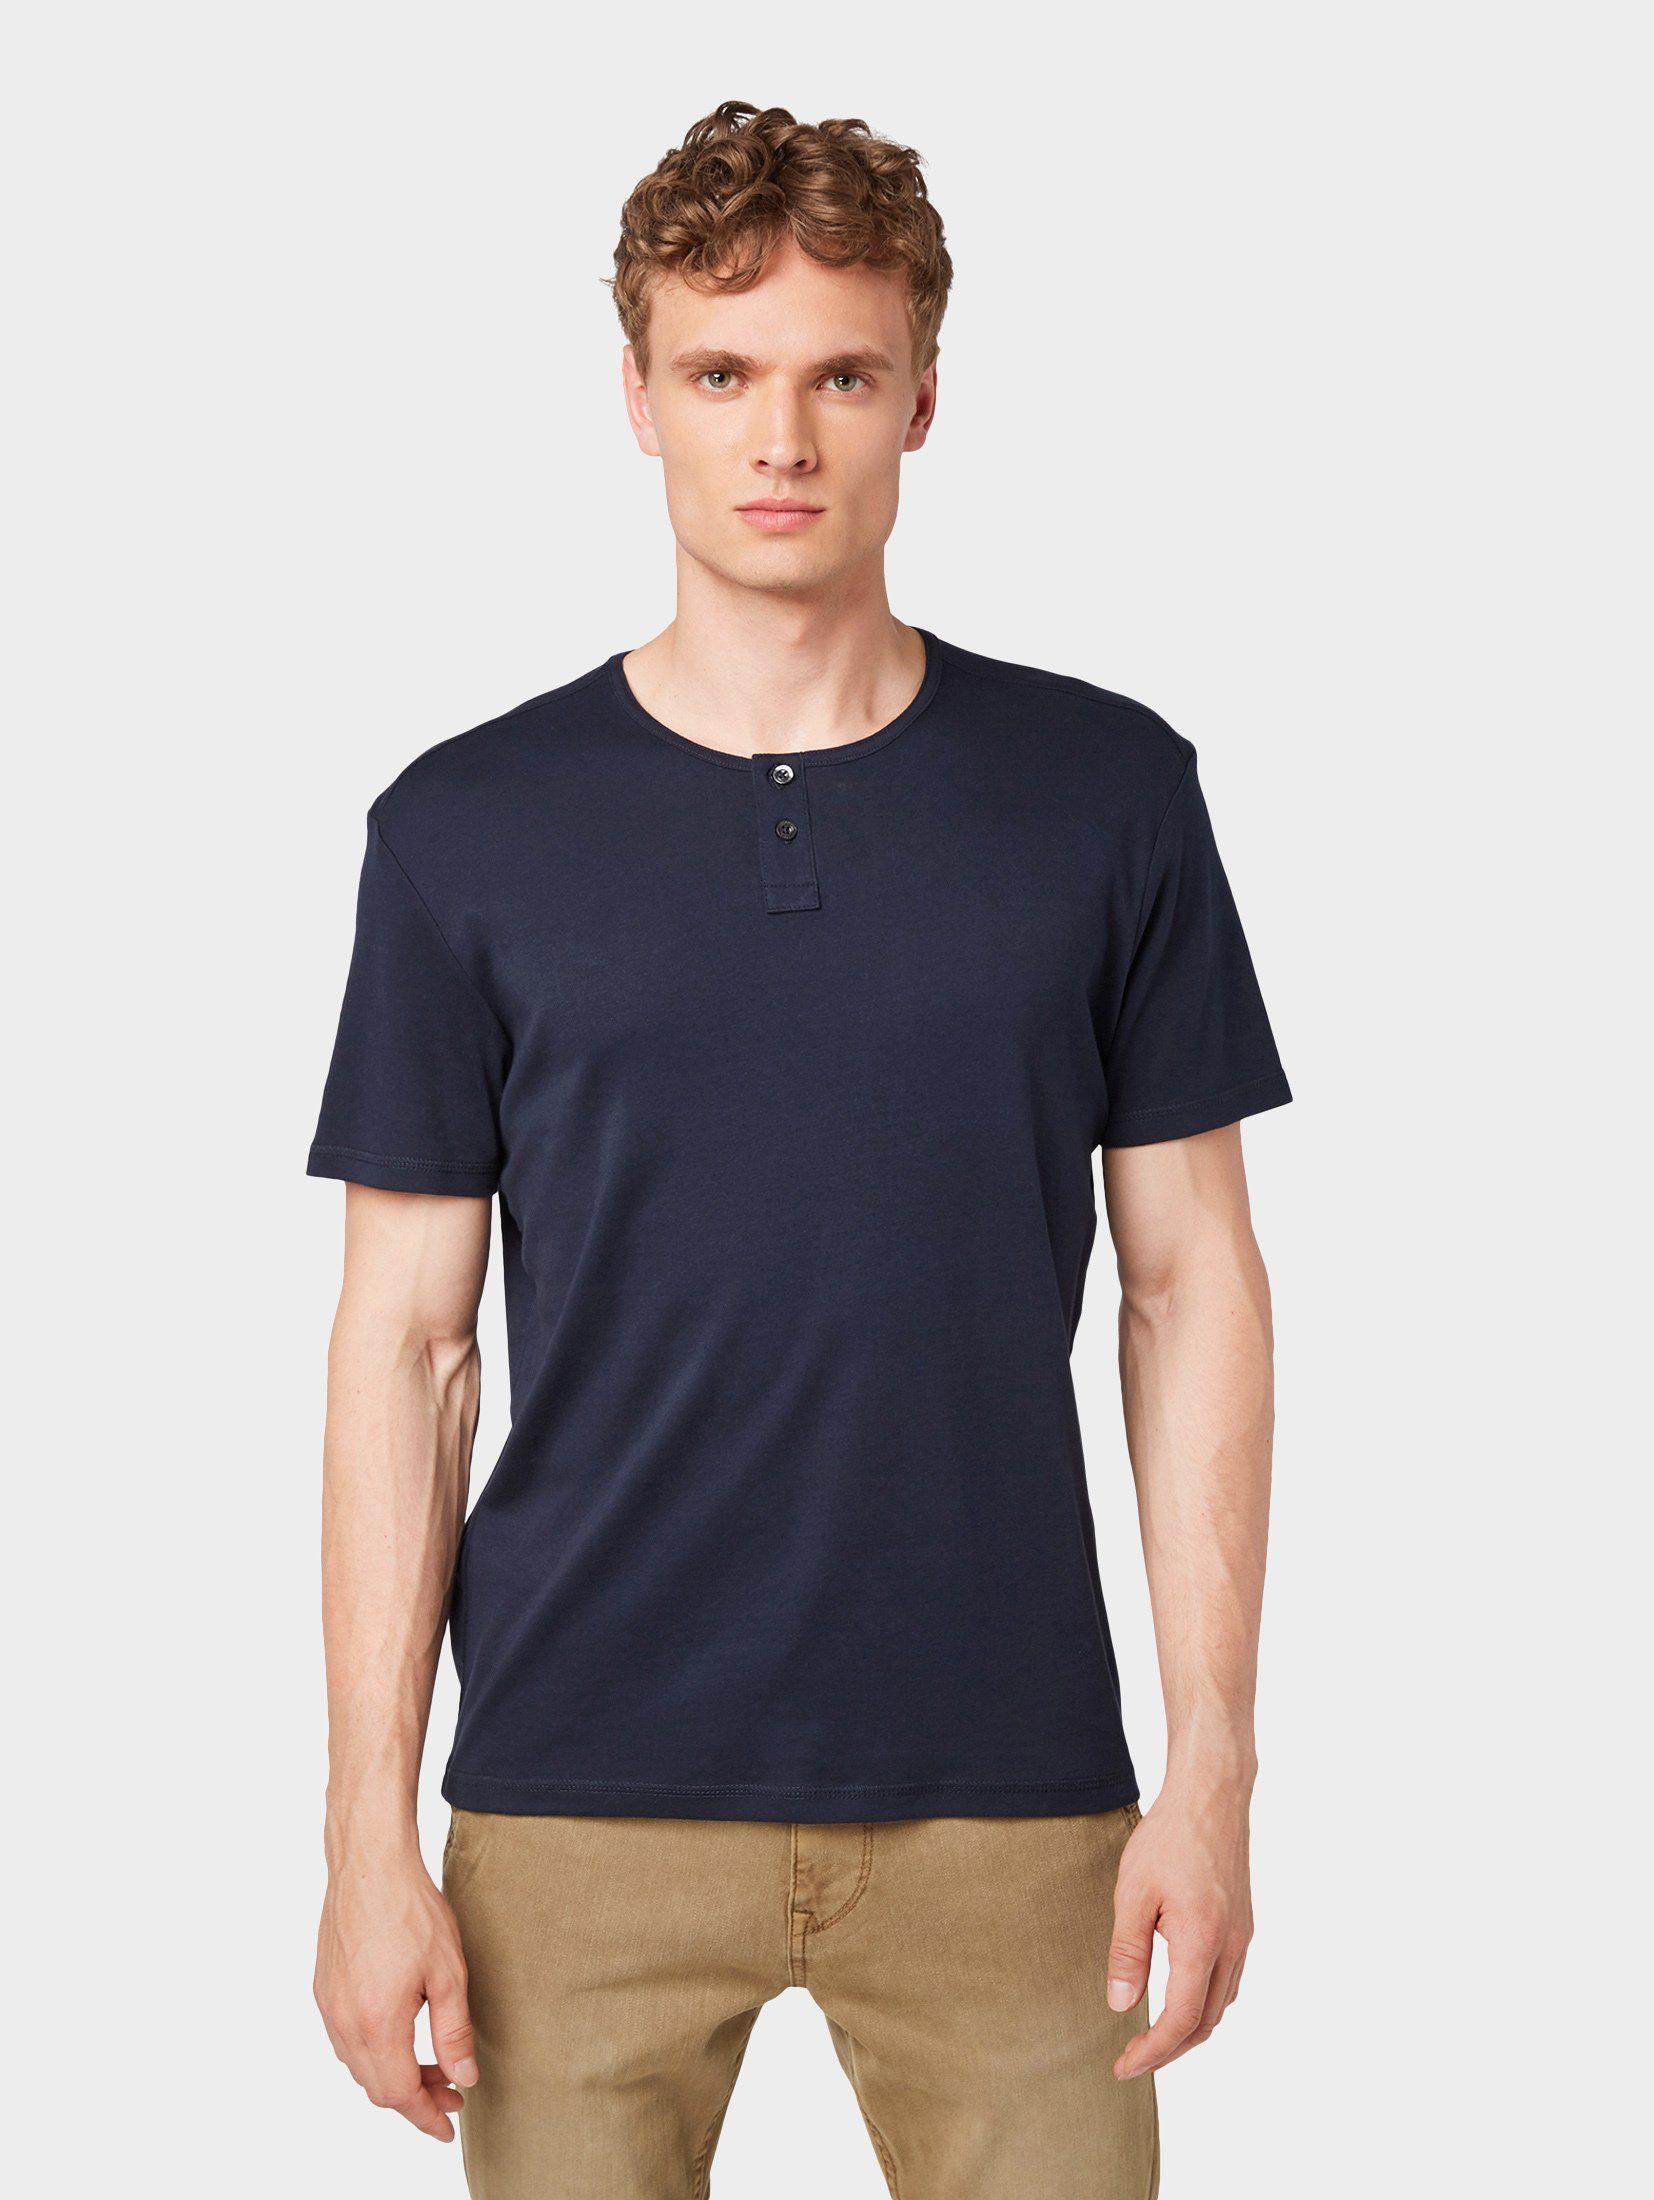 Herren TOM TAILOR T-Shirt »T-Shirt mit Henley-Ausschnitt« blau | 04061946684651